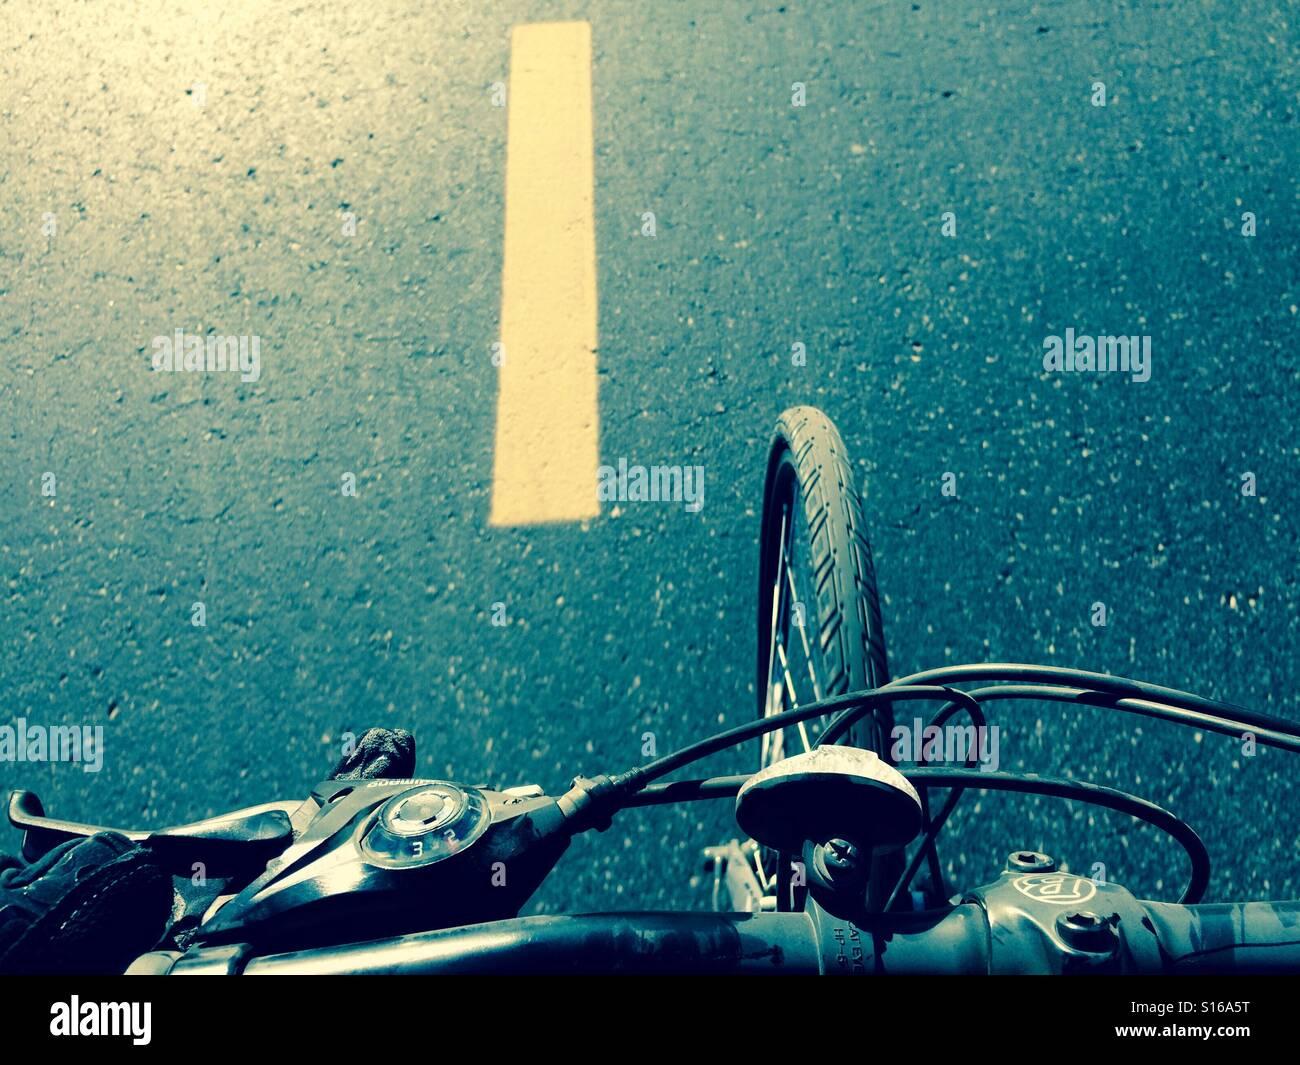 Fahrrad fahren auf einer asphaltierten Straße; Blick vom Lenker Stockfoto